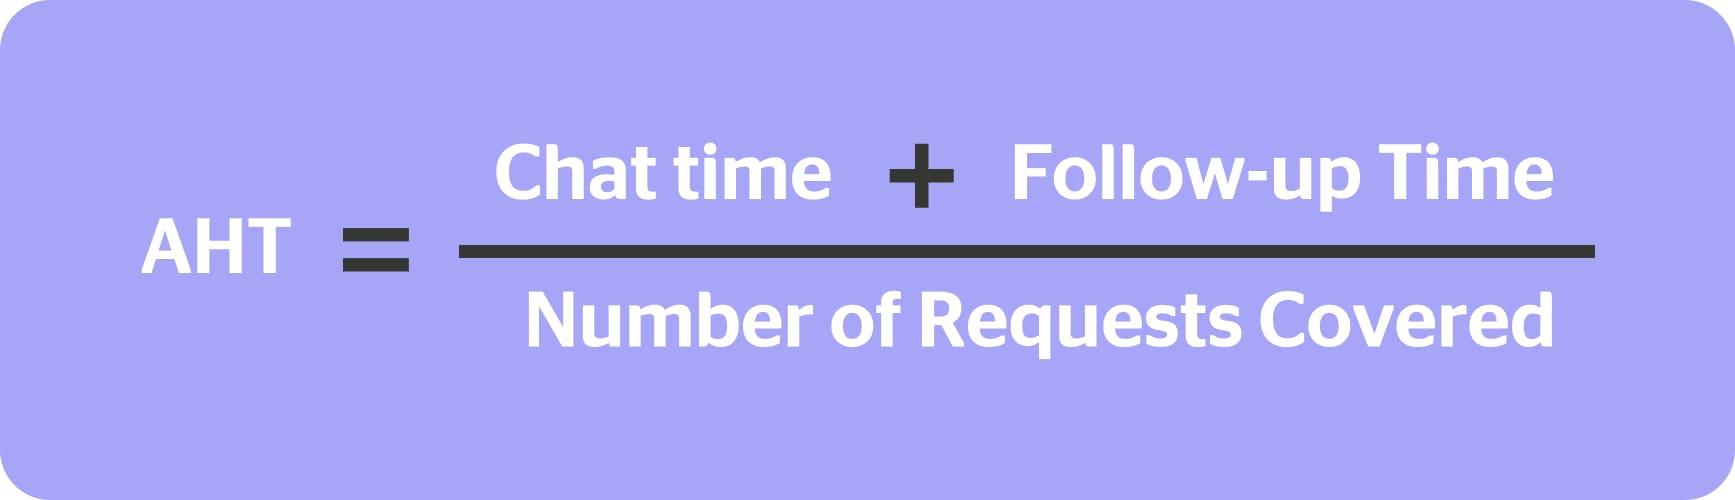 average handling time formula kpi for customer service